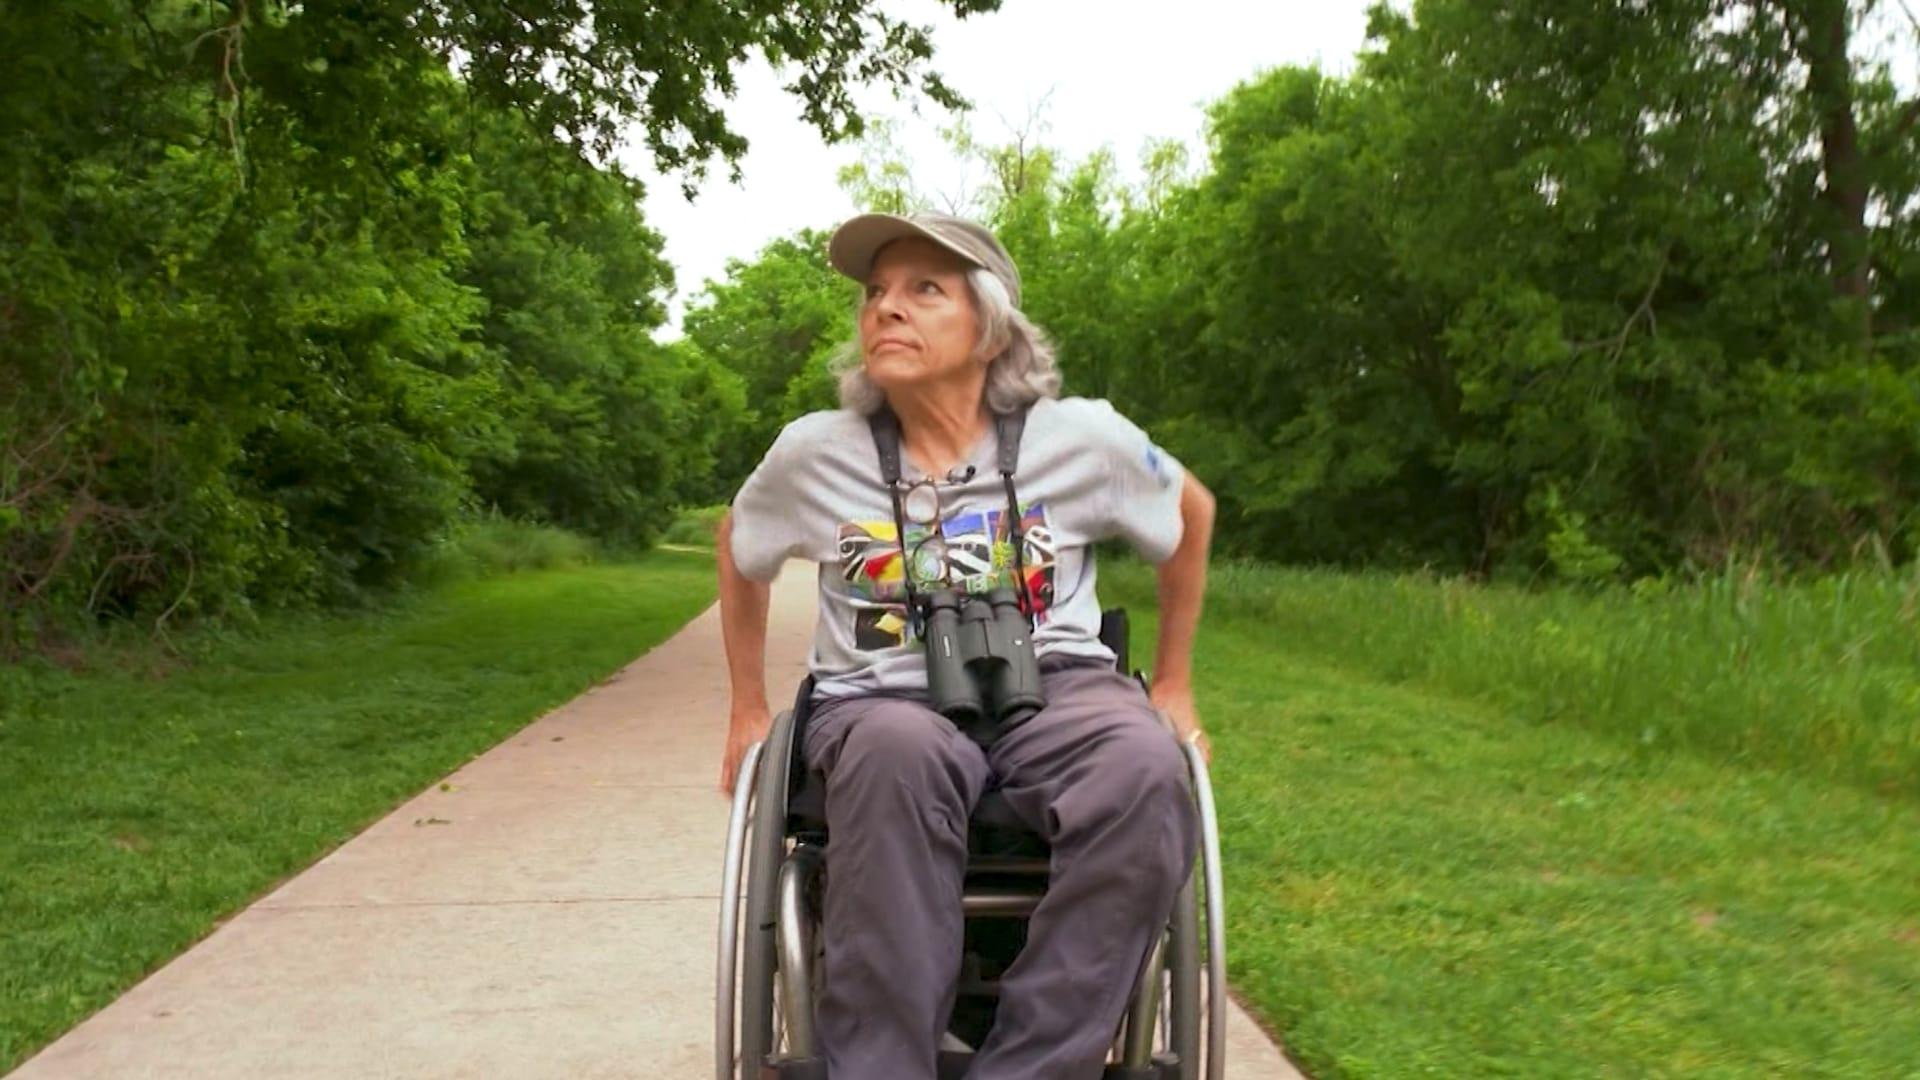 بعد إعاقتها.. سيدة تريد إتاحة الوصول لمراقبة الطيور للجميع